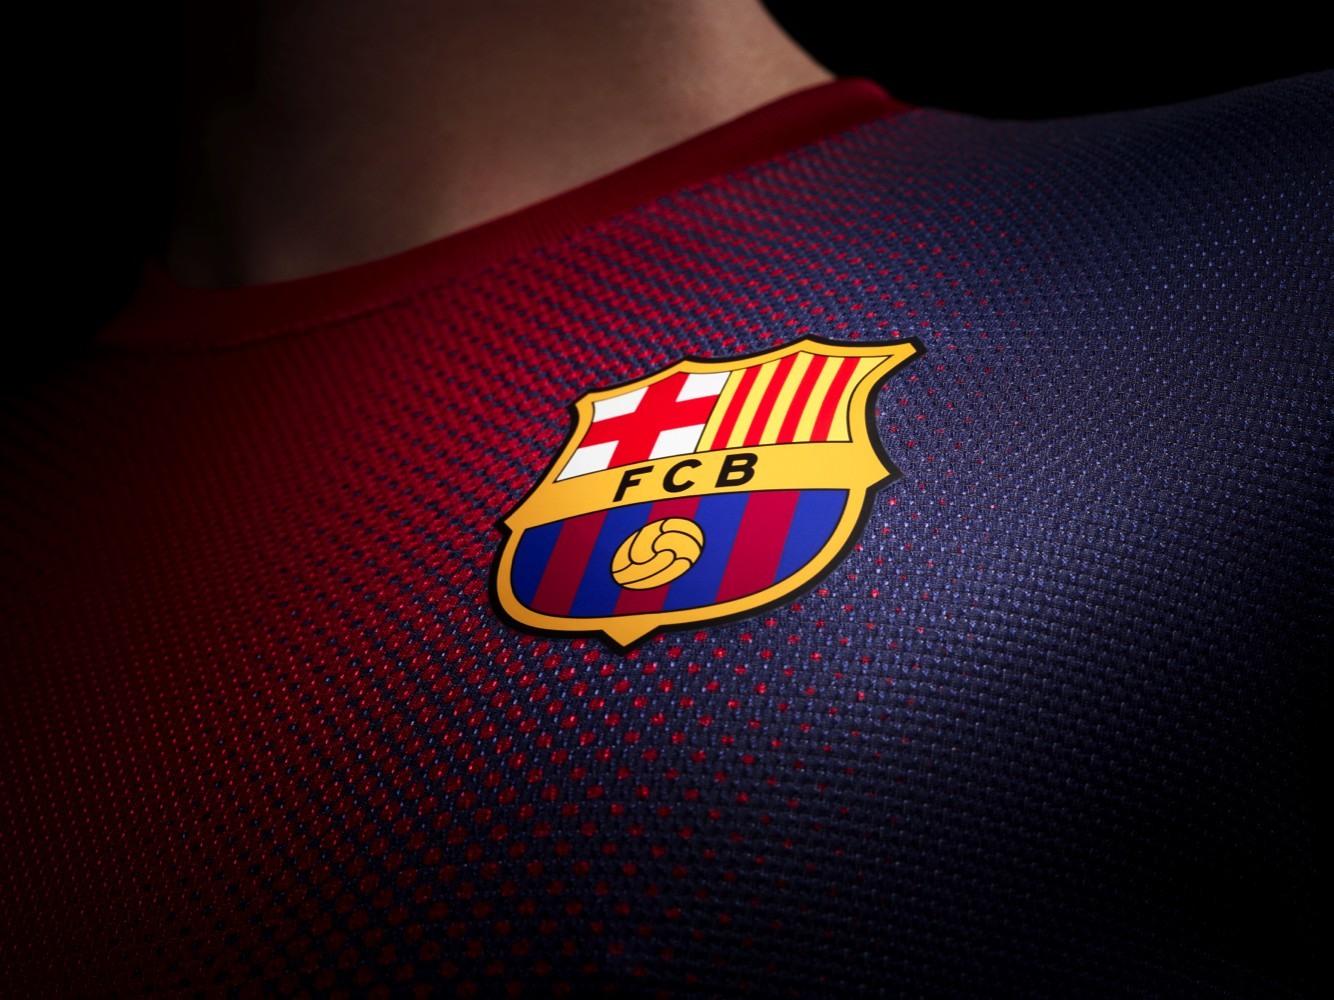 Foto de Equipación F.C. Barcelona 2012-2013 (2/15)